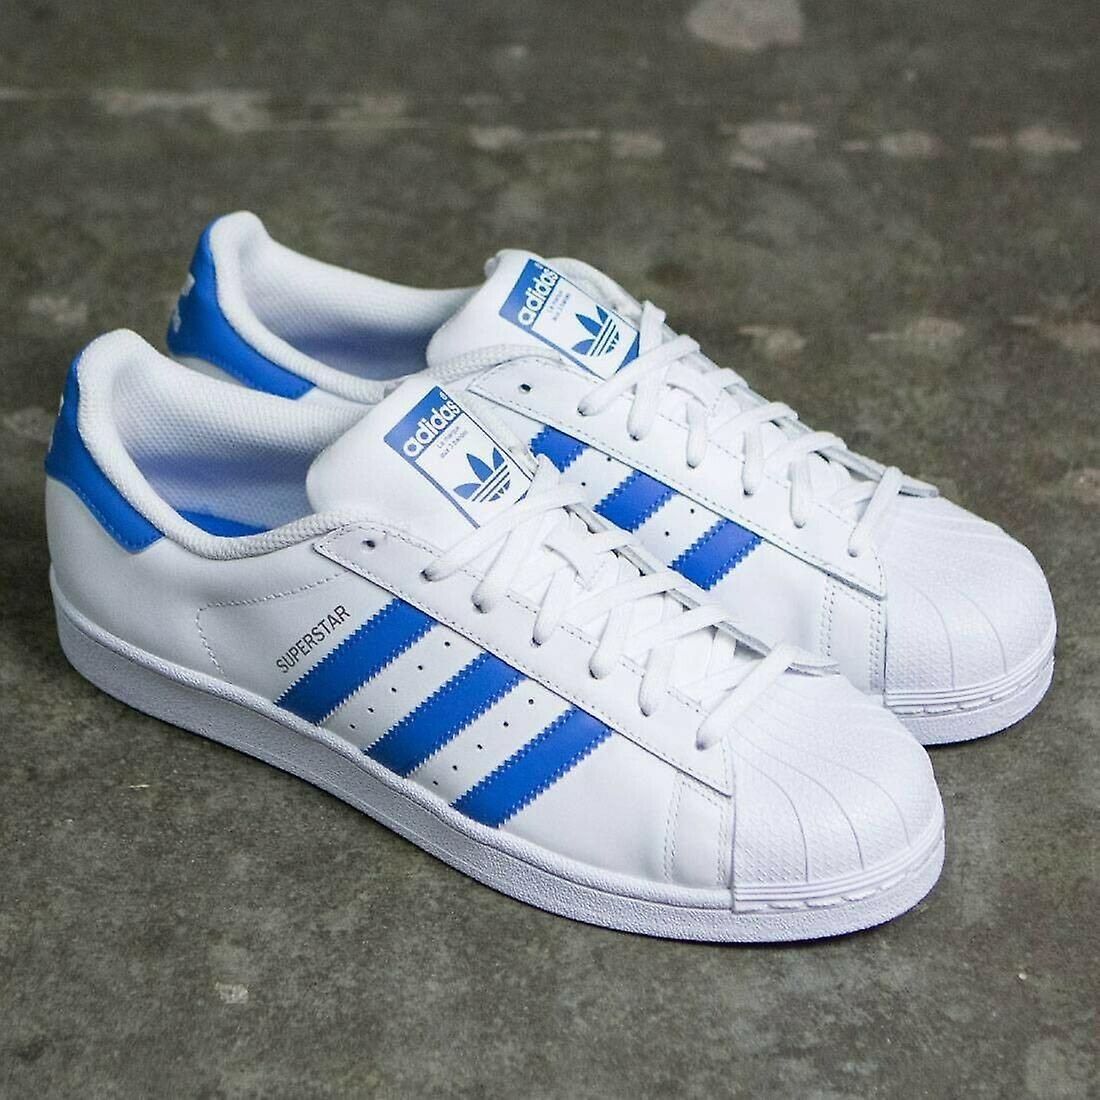 Adidas Originals Superstar mannen Trainers - S75929